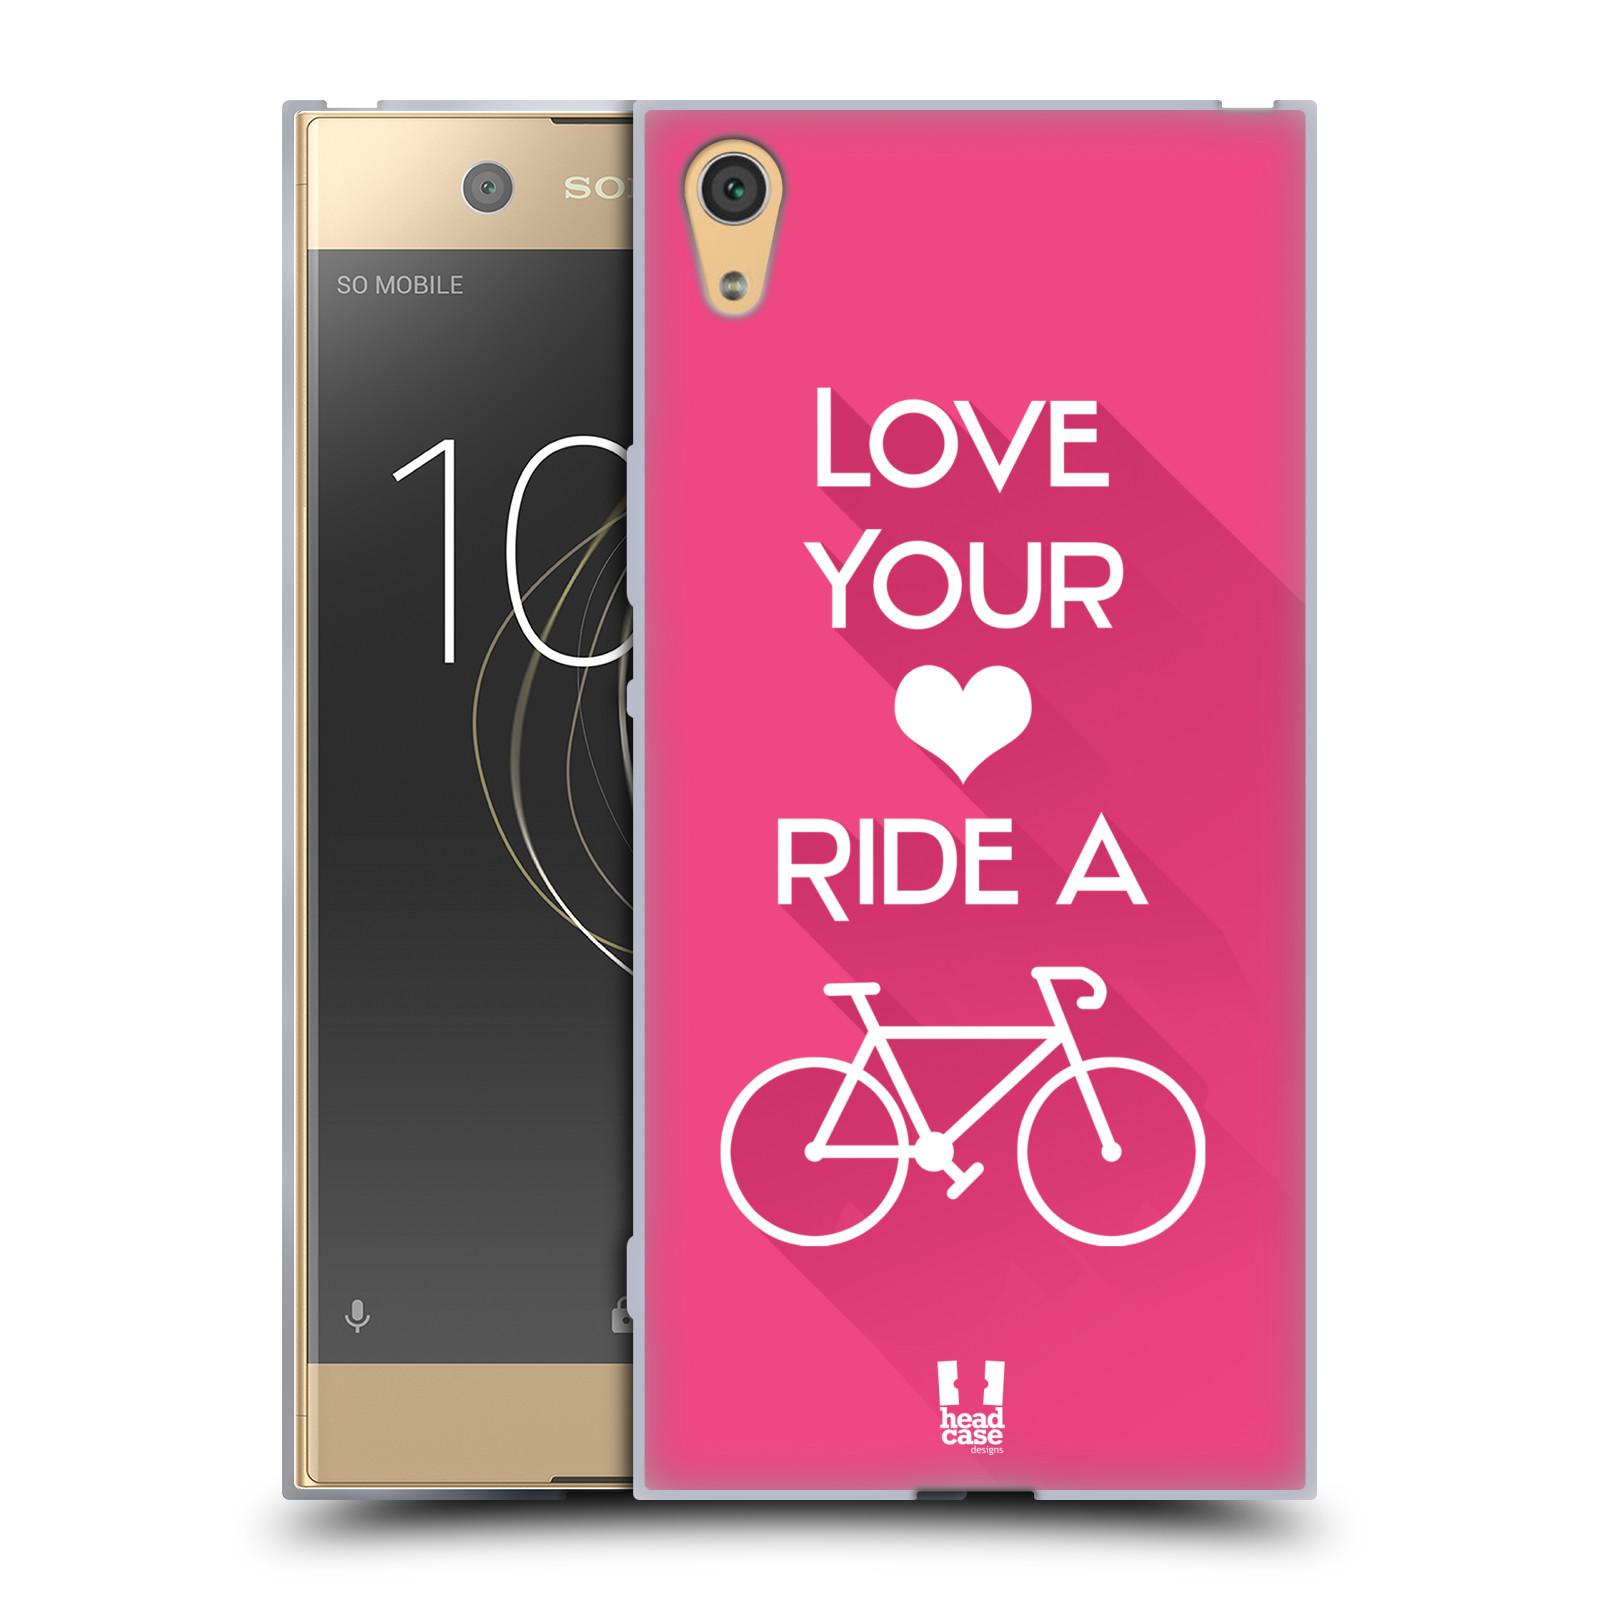 HEAD CASE silikonový obal na mobil Sony Xperia XA1 ULTRA Cyklista růžové pozadí kolo sport